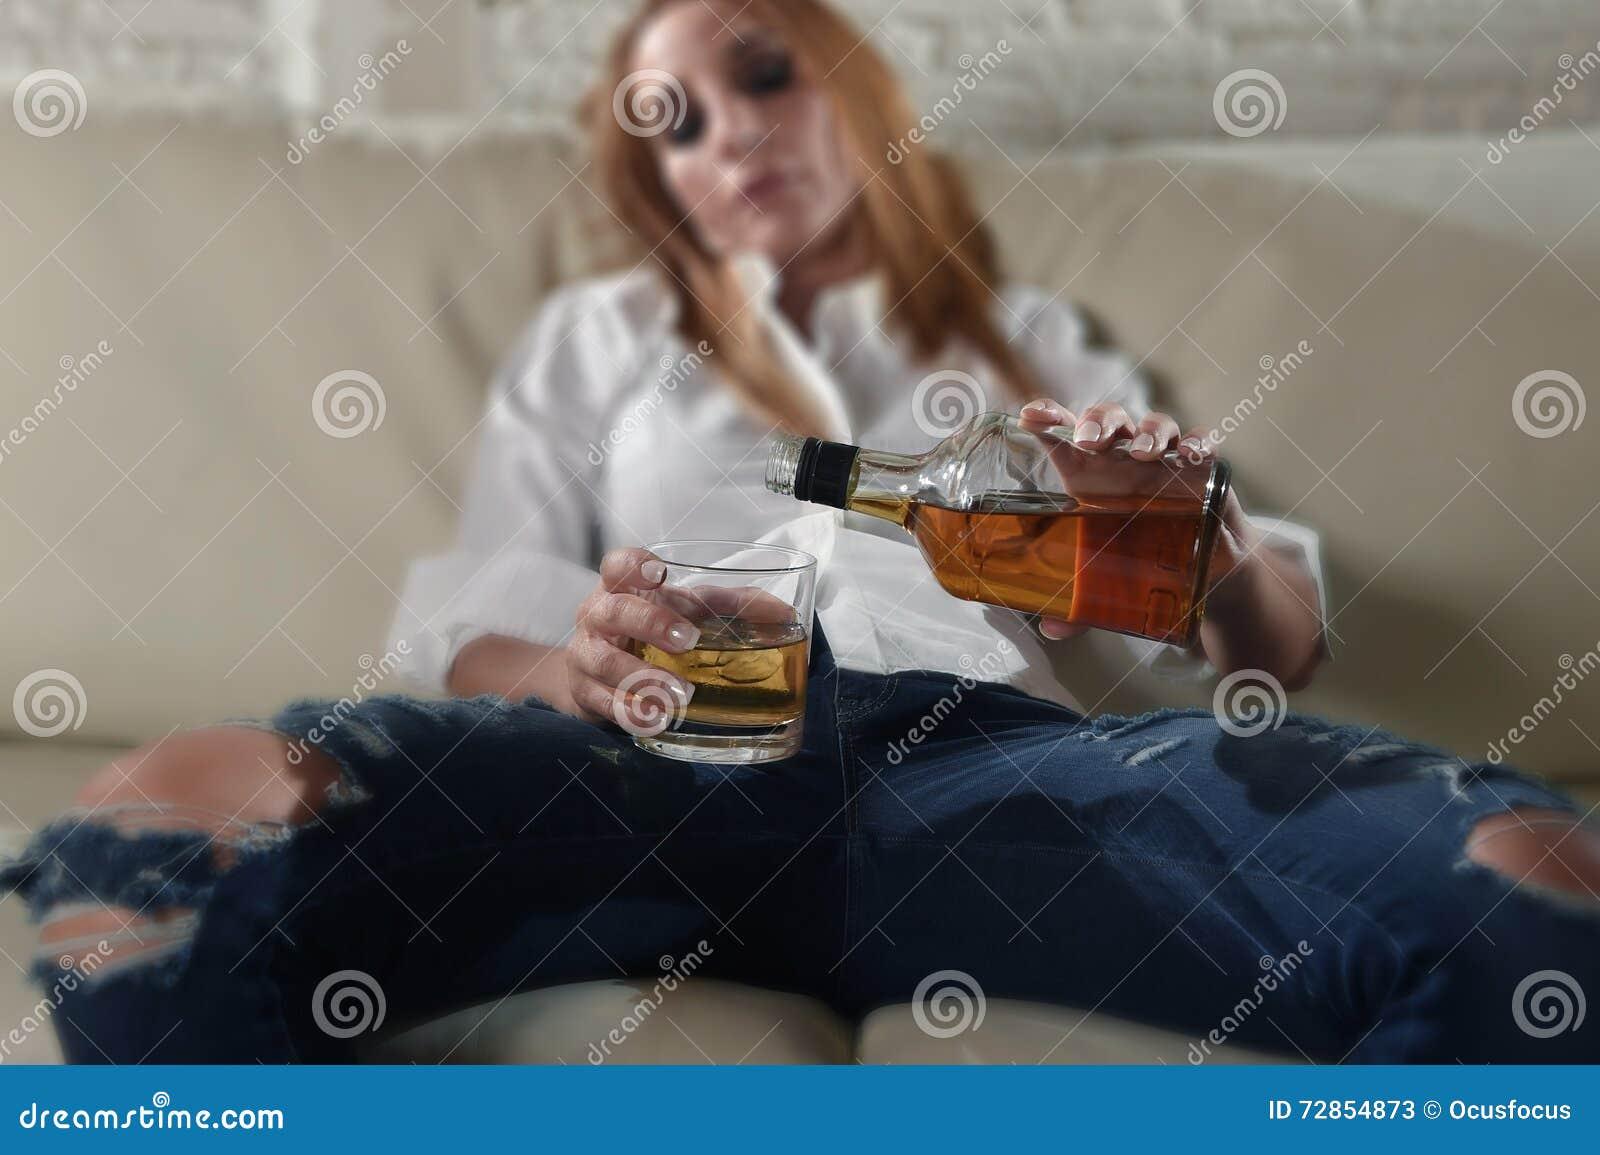 Сайт о пьяных женщинах, Фотографии Пьяные девушки 3 альбома ВКонтакте 25 фотография